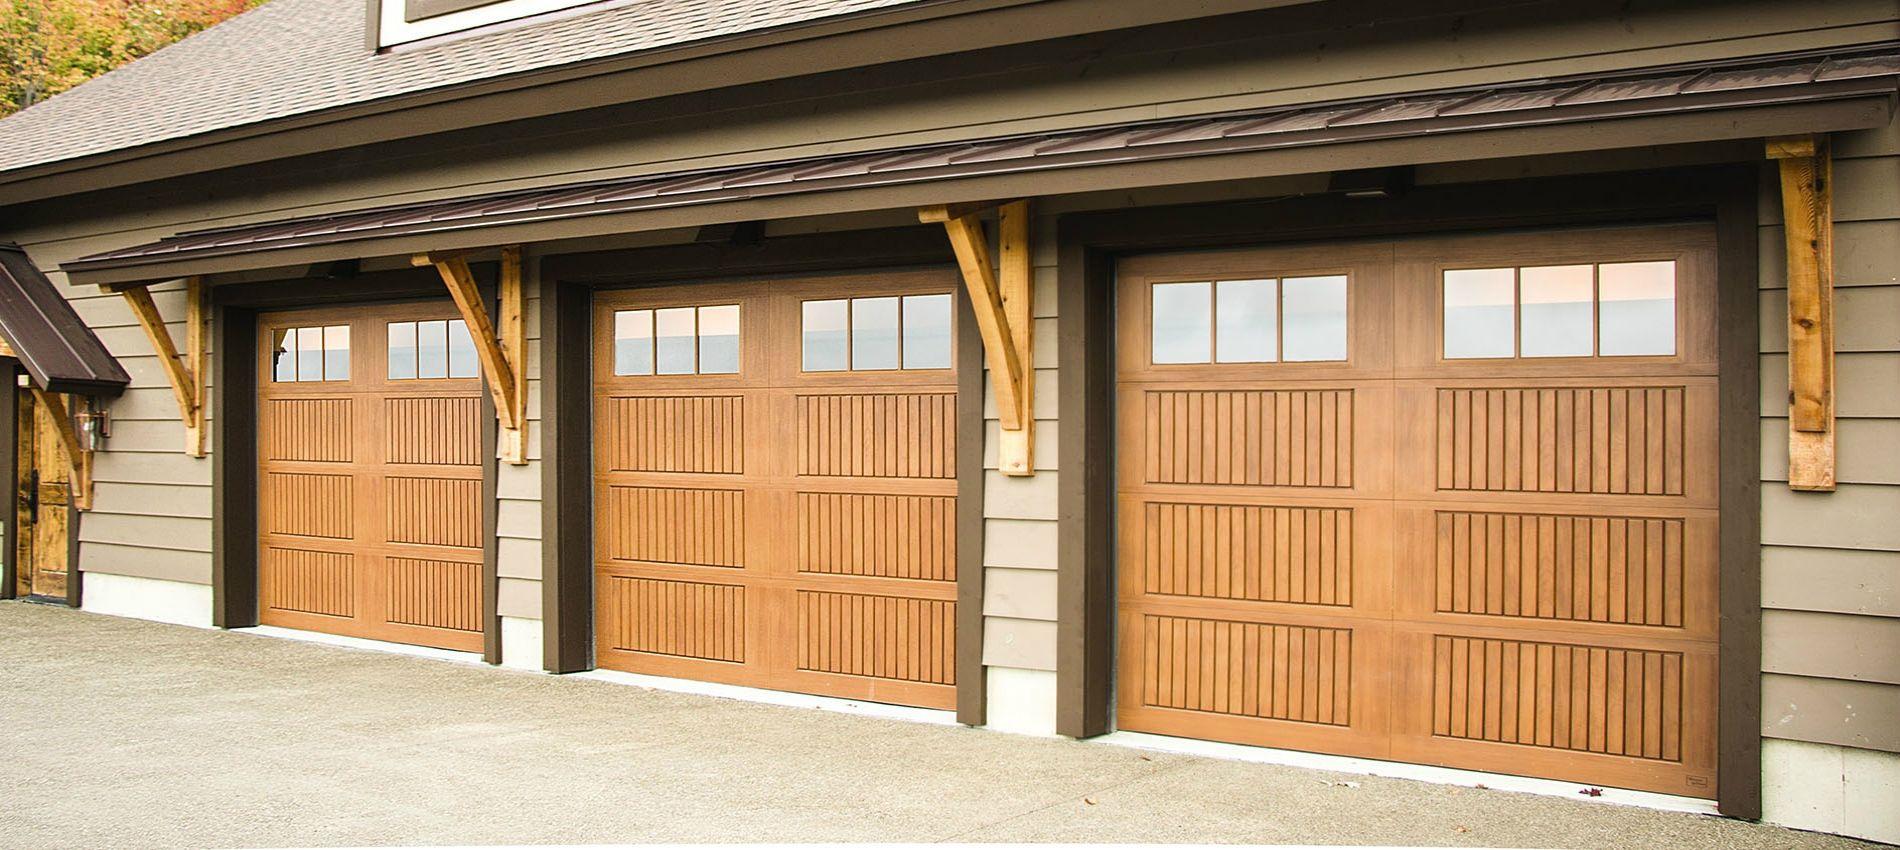 14 Foot Garage Door Opener Httpvoteno123 Pinterest